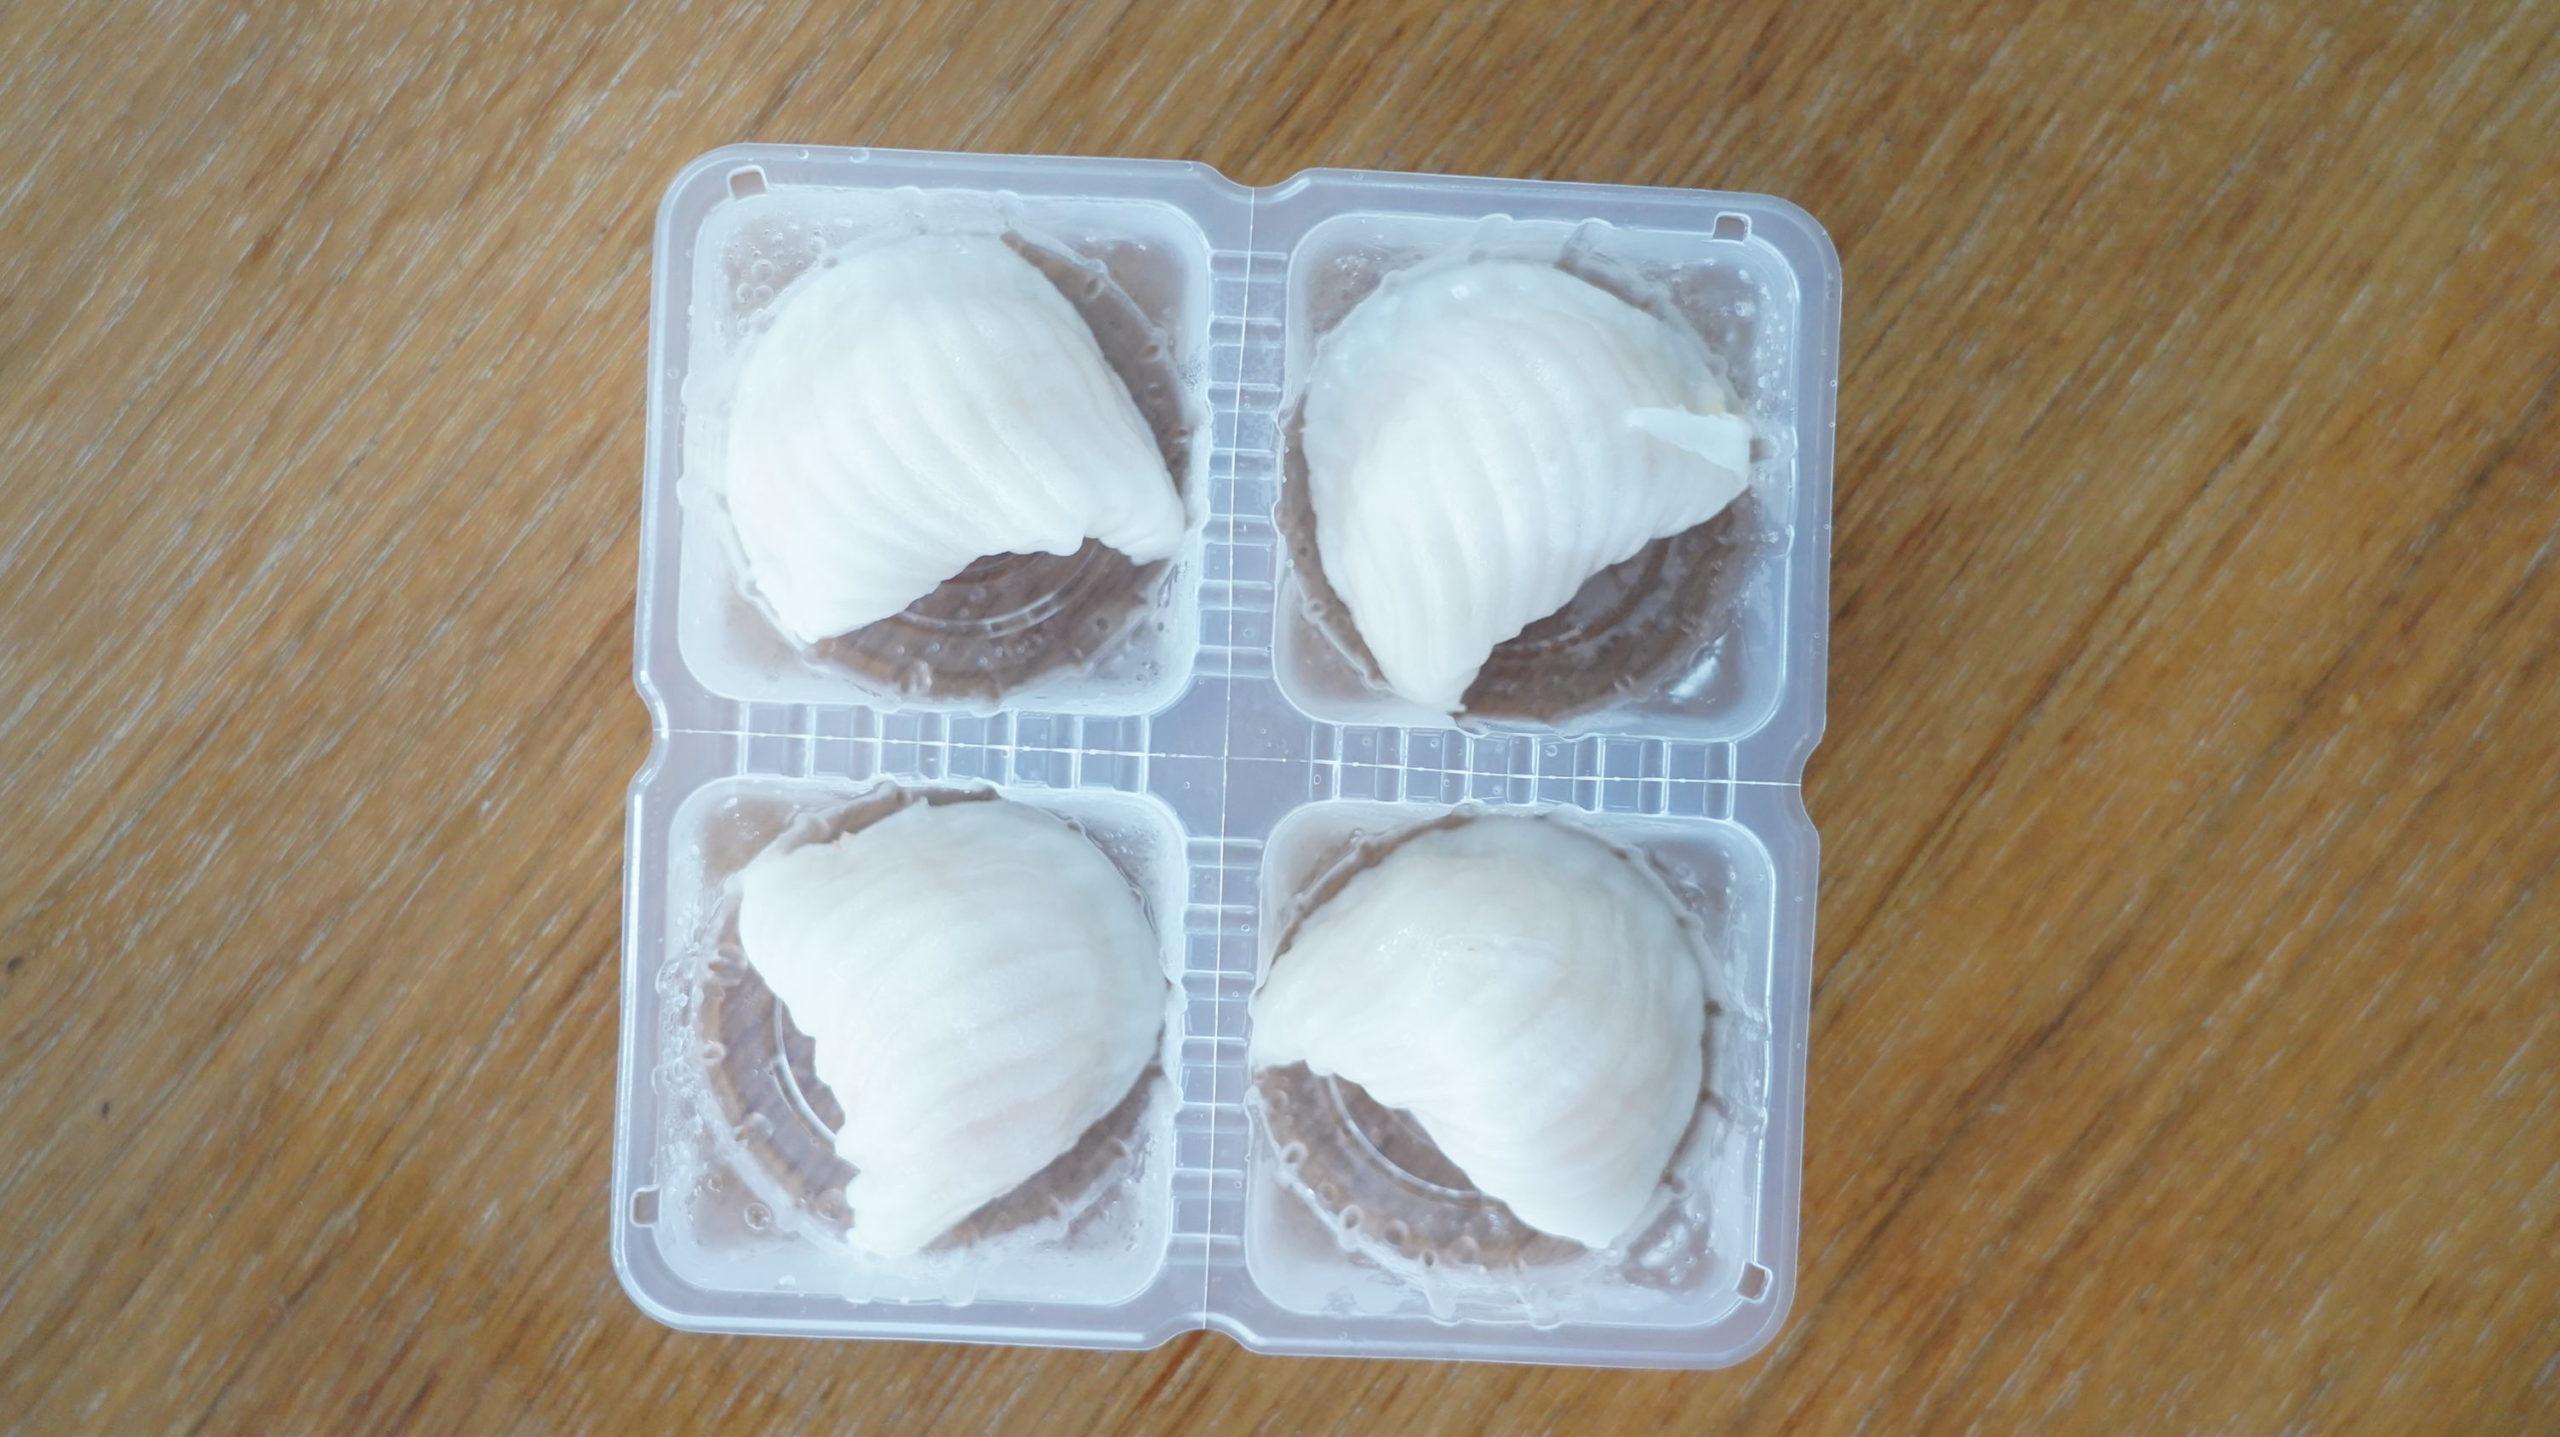 セブンイレブンの冷凍食品「もちもちの皮・海老蒸し餃子」の中身の写真